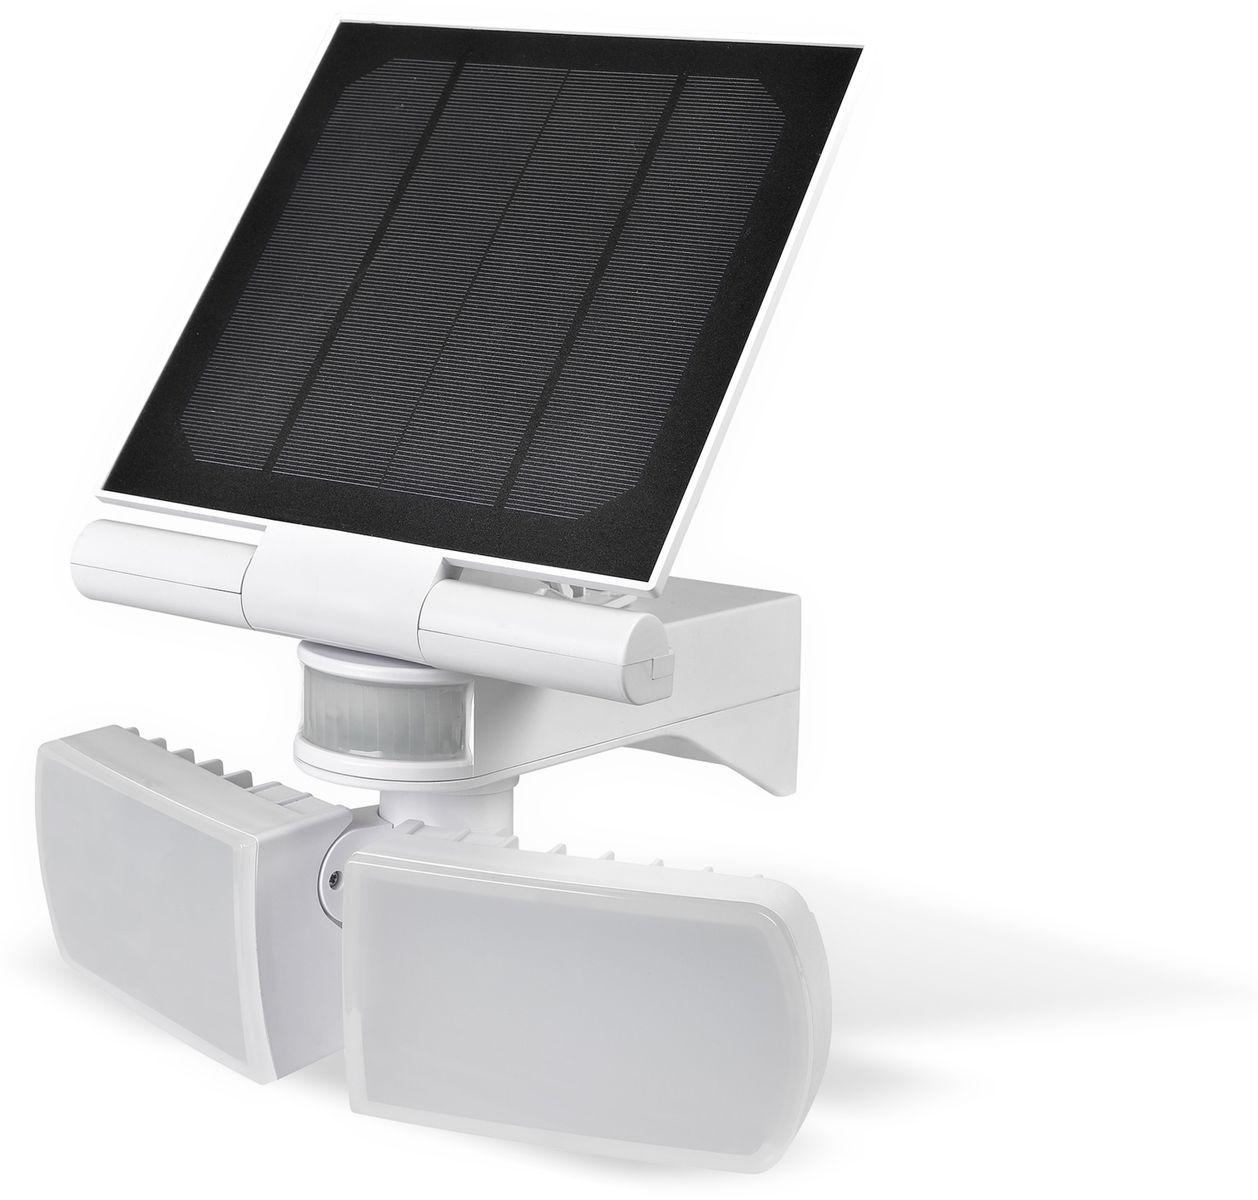 Super Solar LED-Außenleuchte mit Bewegungsmelder, 20 W, 600 lm, 6000 K KN99